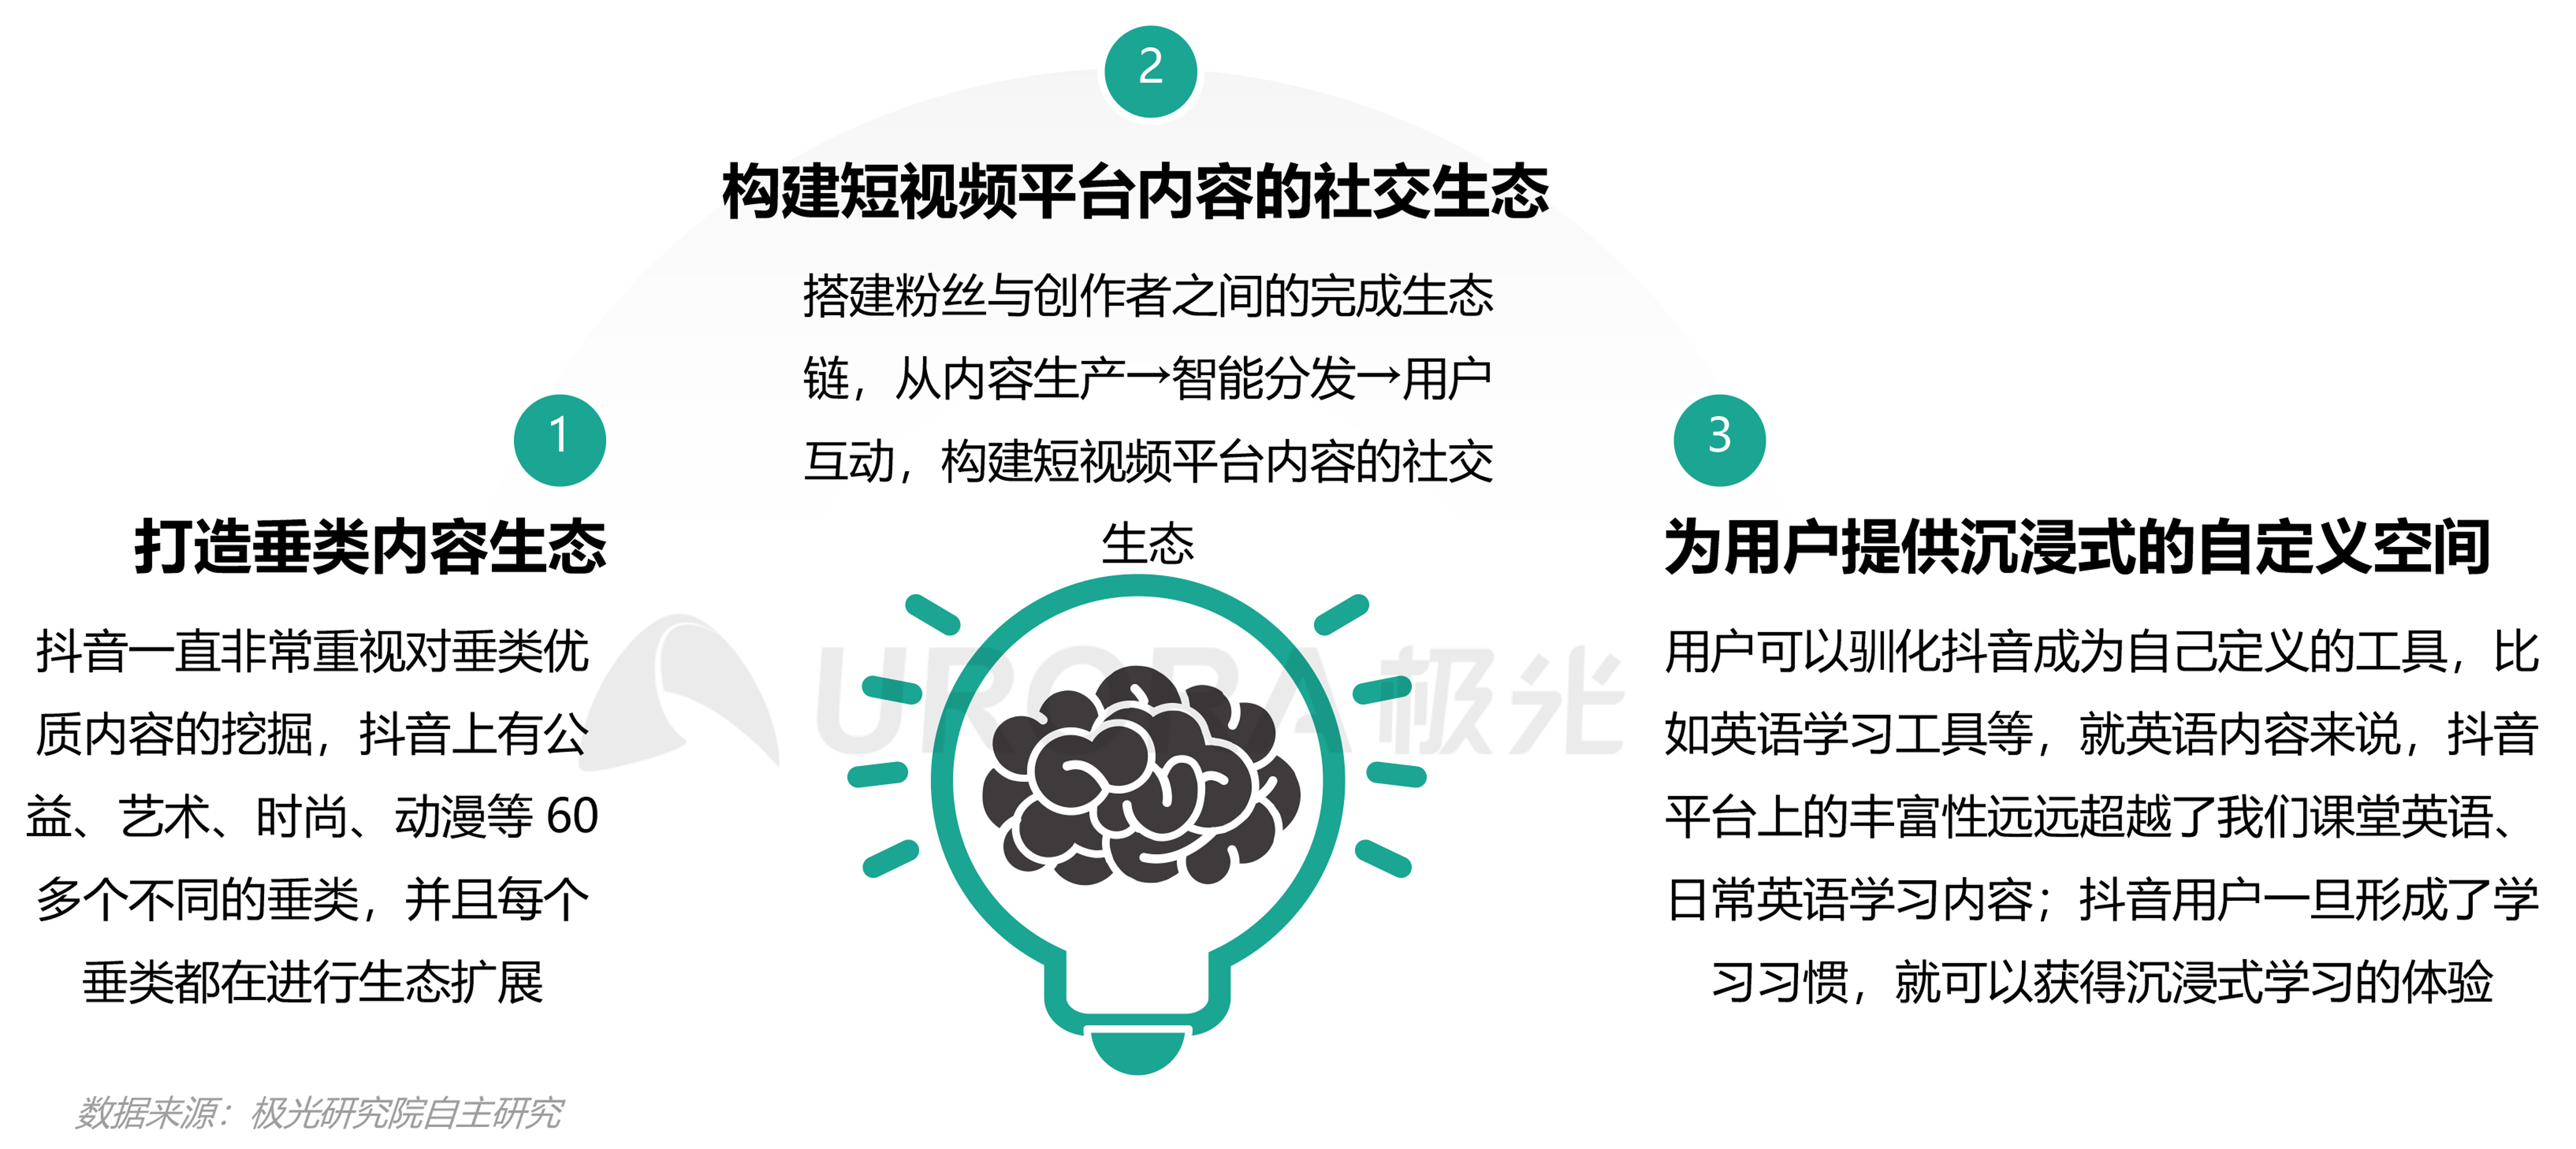 极光:内容生态搜索趋势报告png (30).png